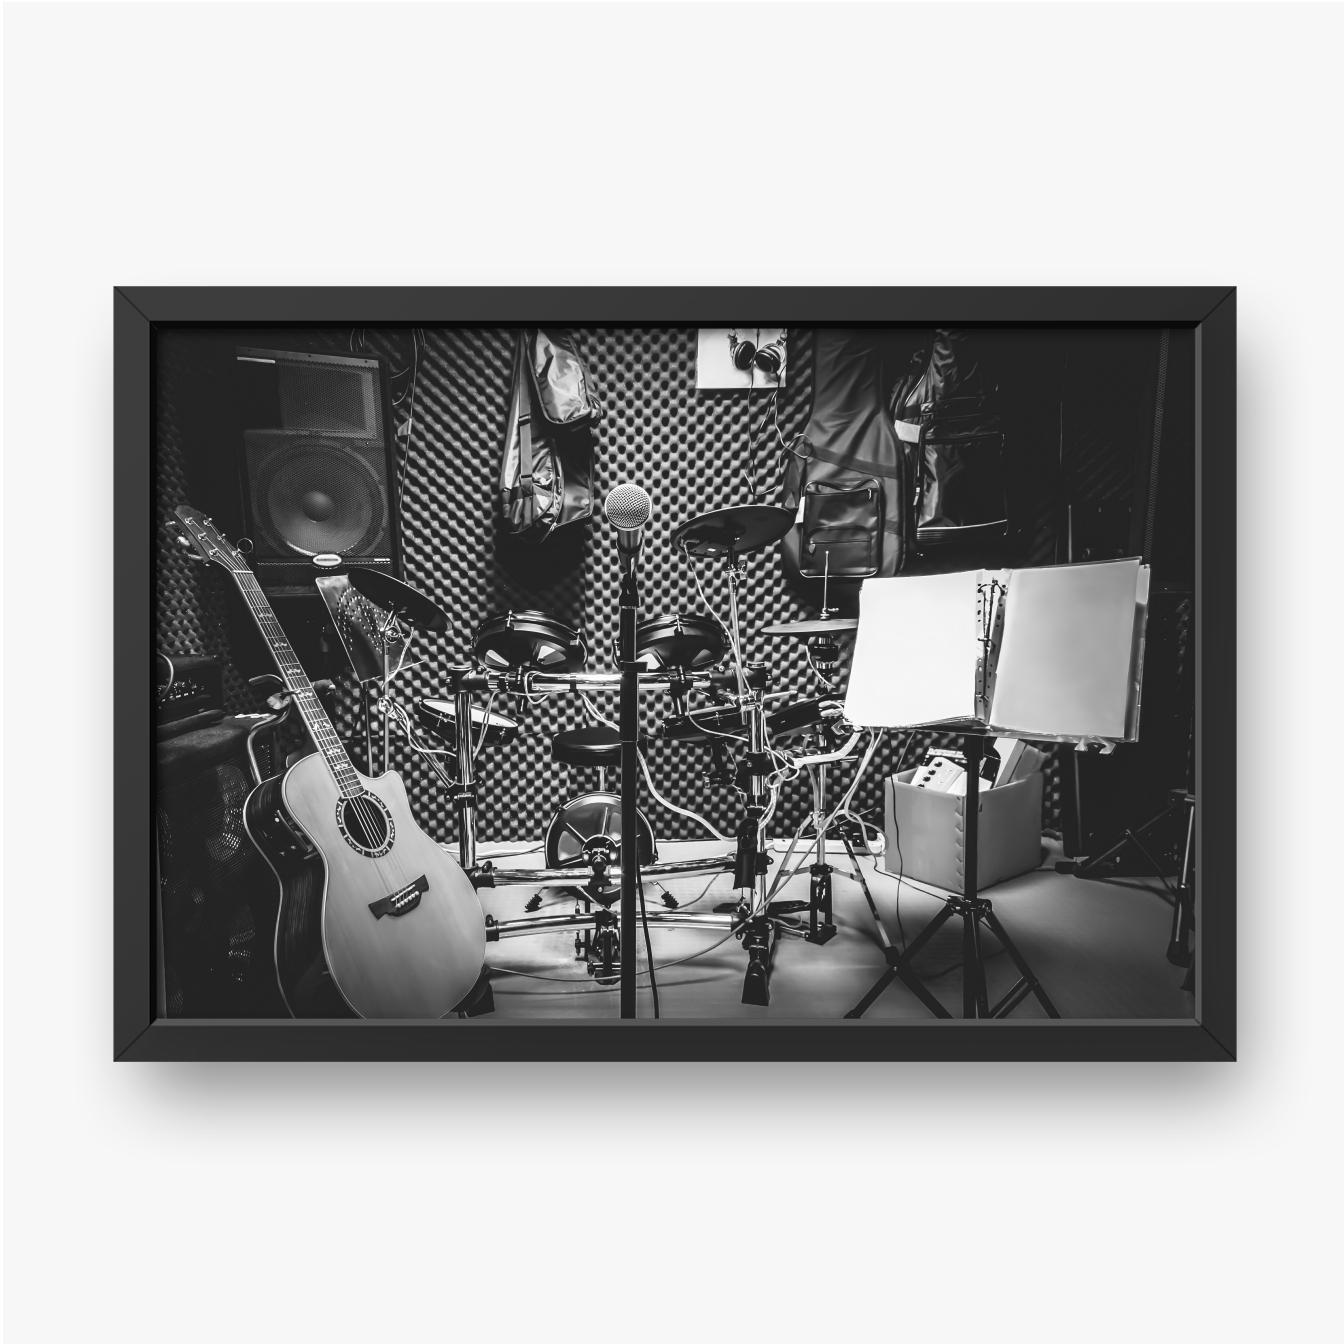 Musikinstrumente in einem Tonstudio